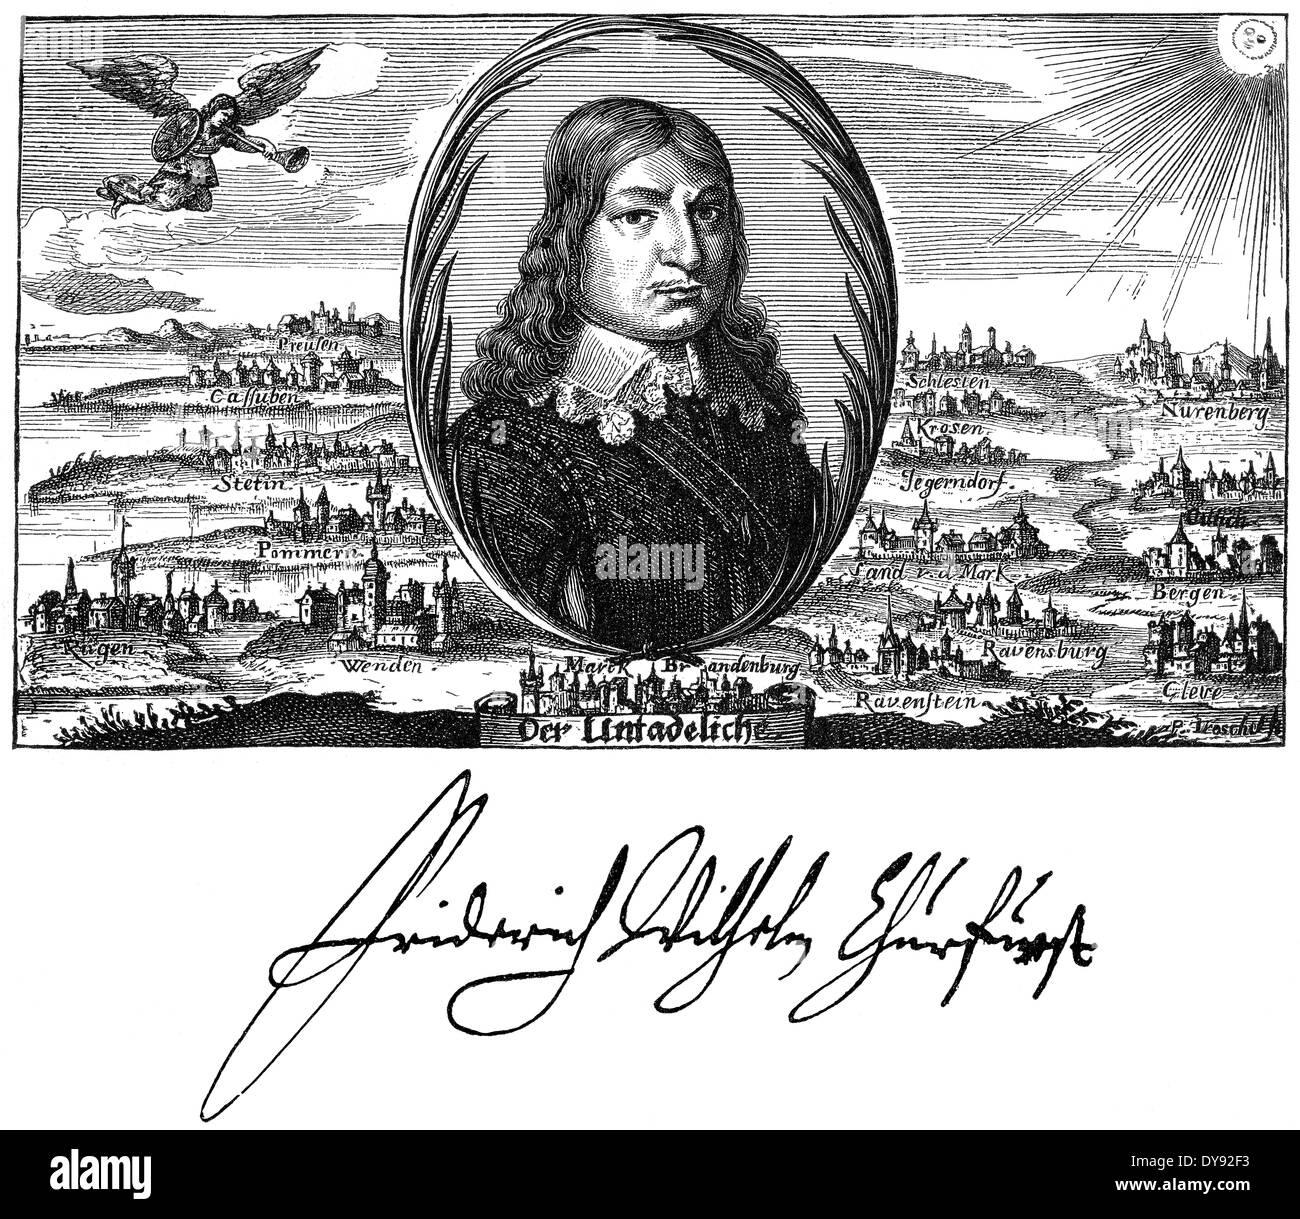 Frederick William, der große Kurfürst, 1620-1688, Kurfürst von Brandenburg und Herzog von Preußen, Mitglied der Fruitbearing Society Stockbild